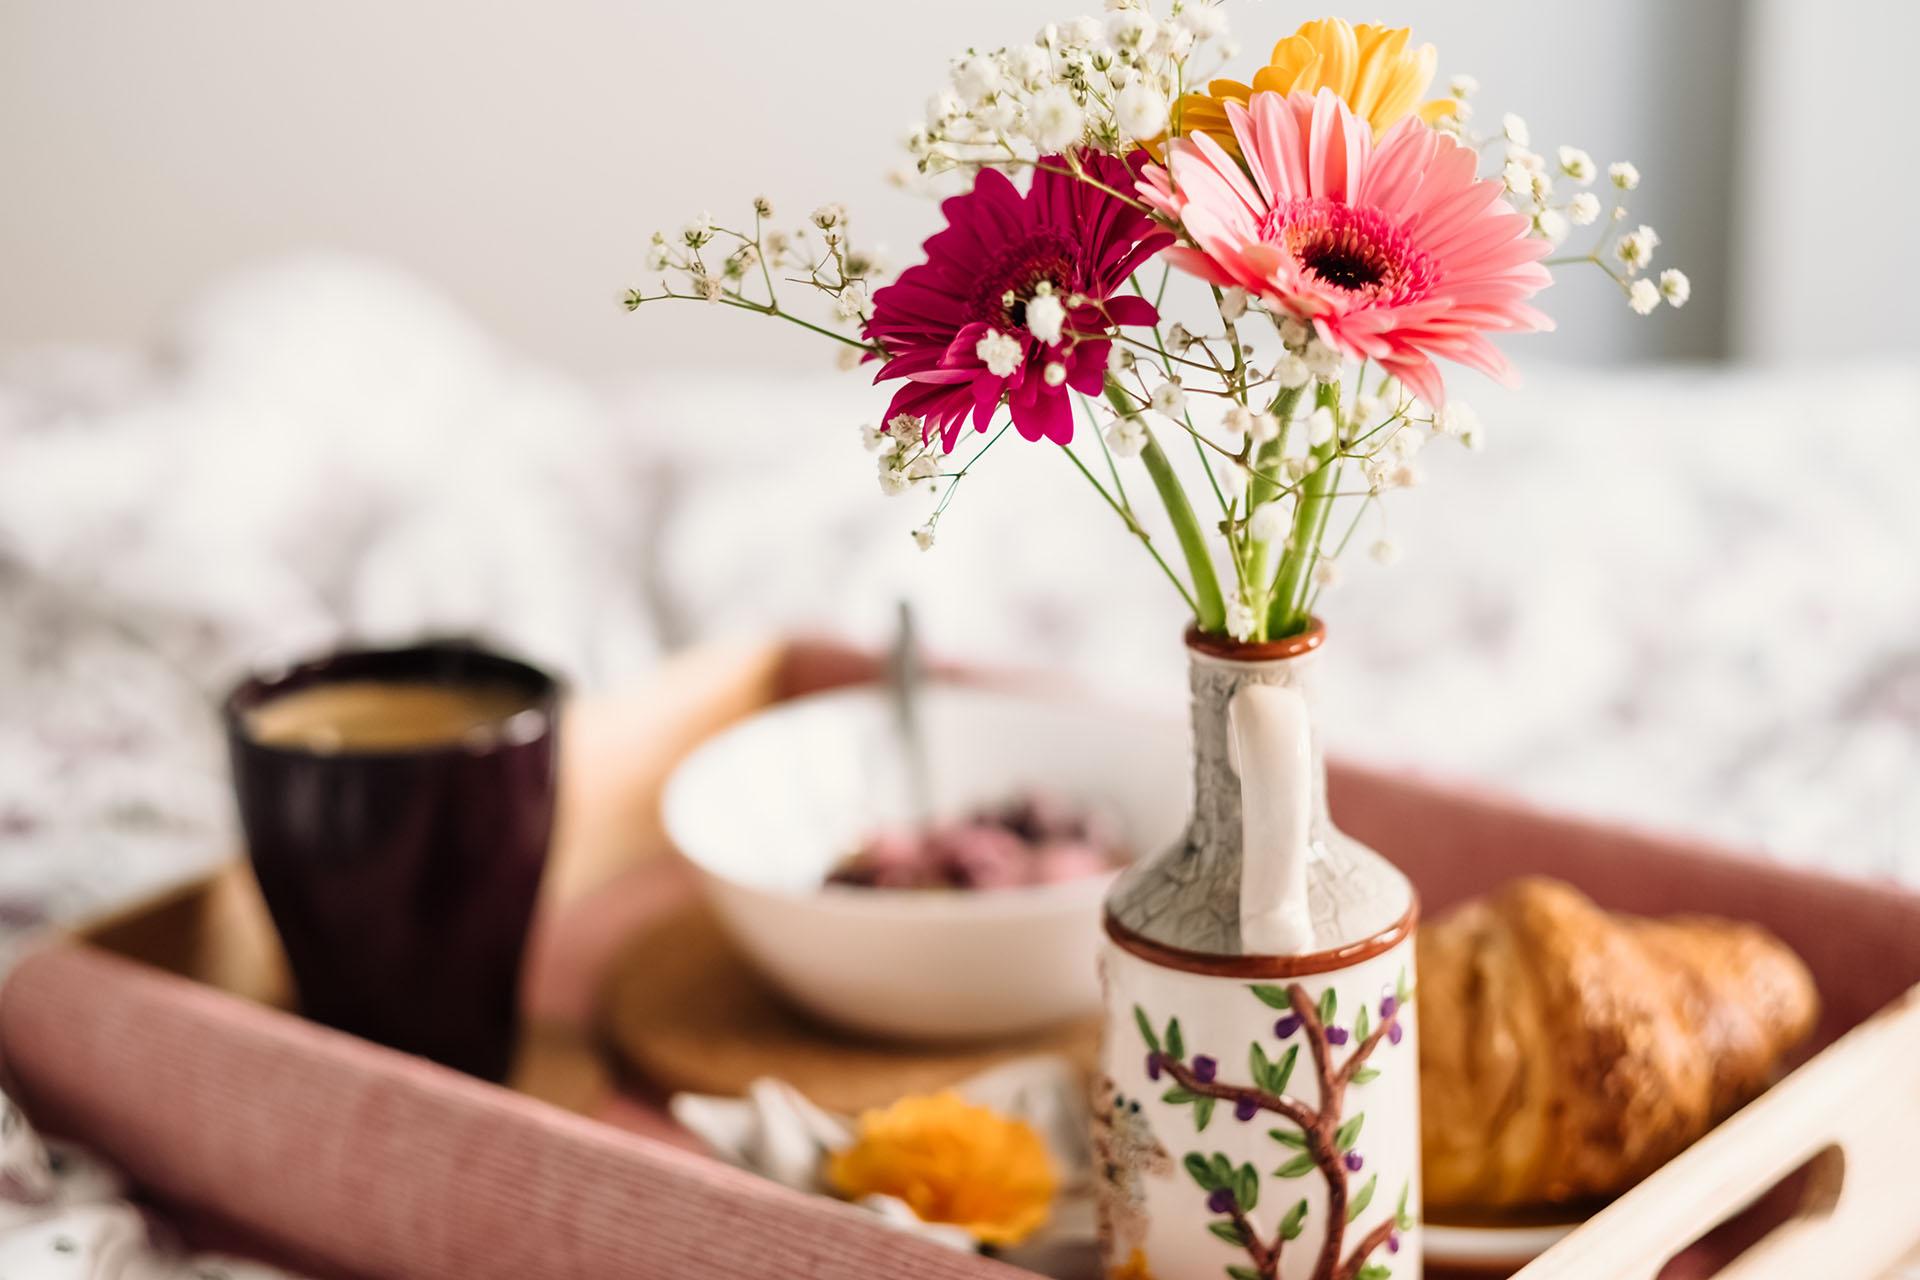 Breakfast_in_bed_1920px